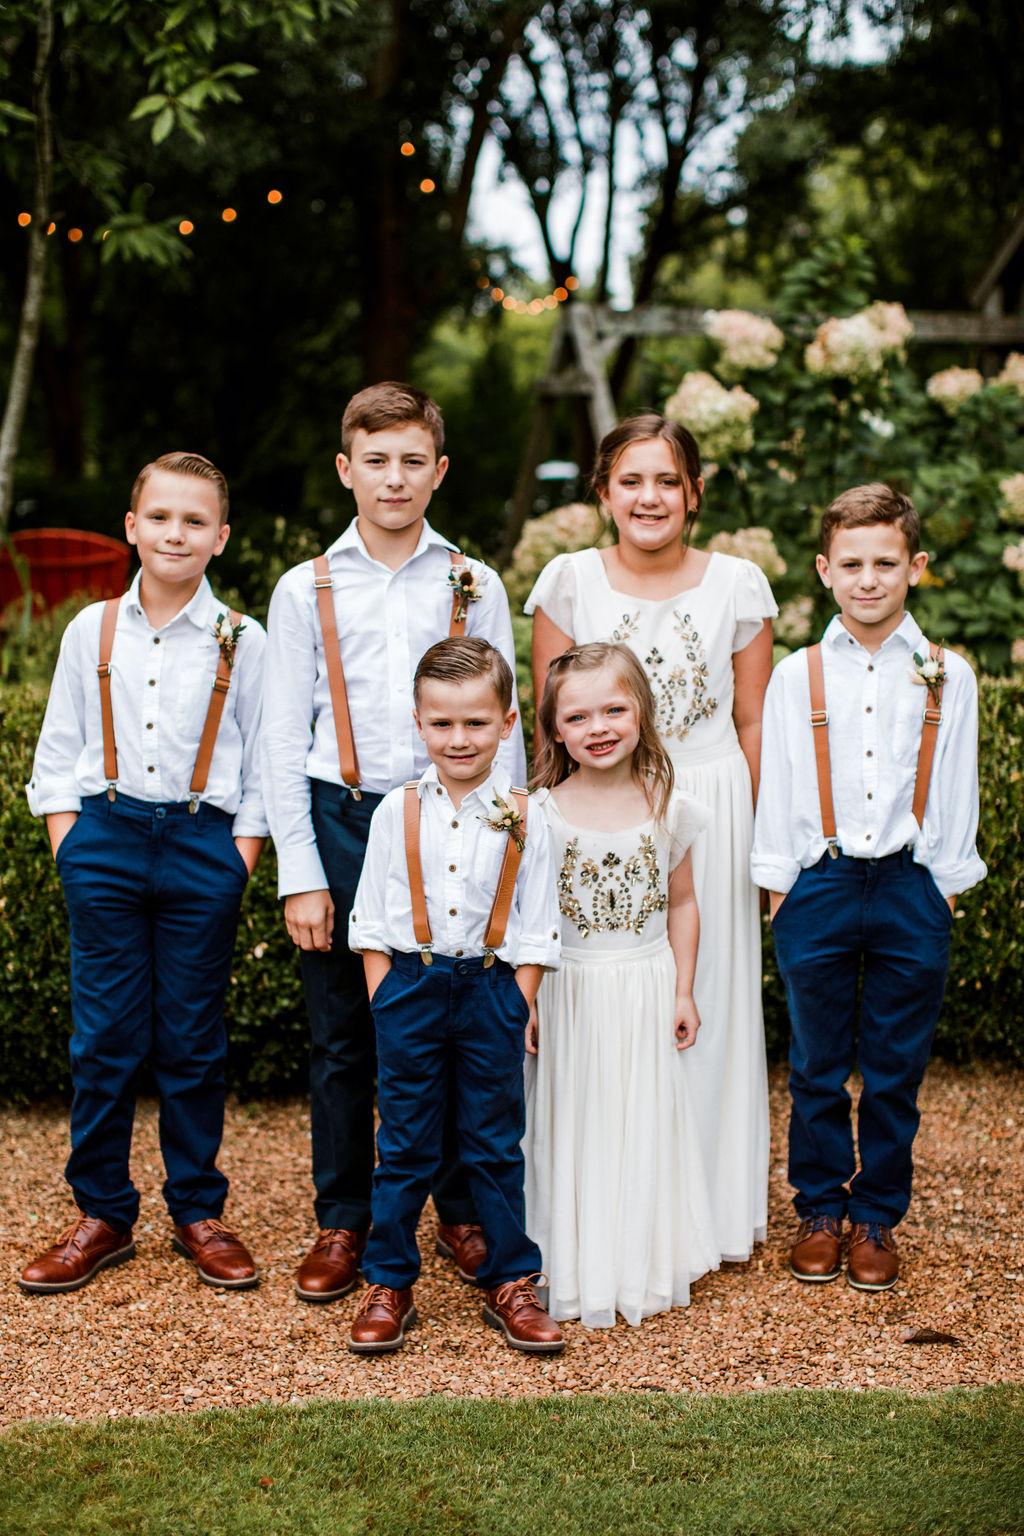 Boho wedding flower girls and ring bearer | Nashville Bride Guide